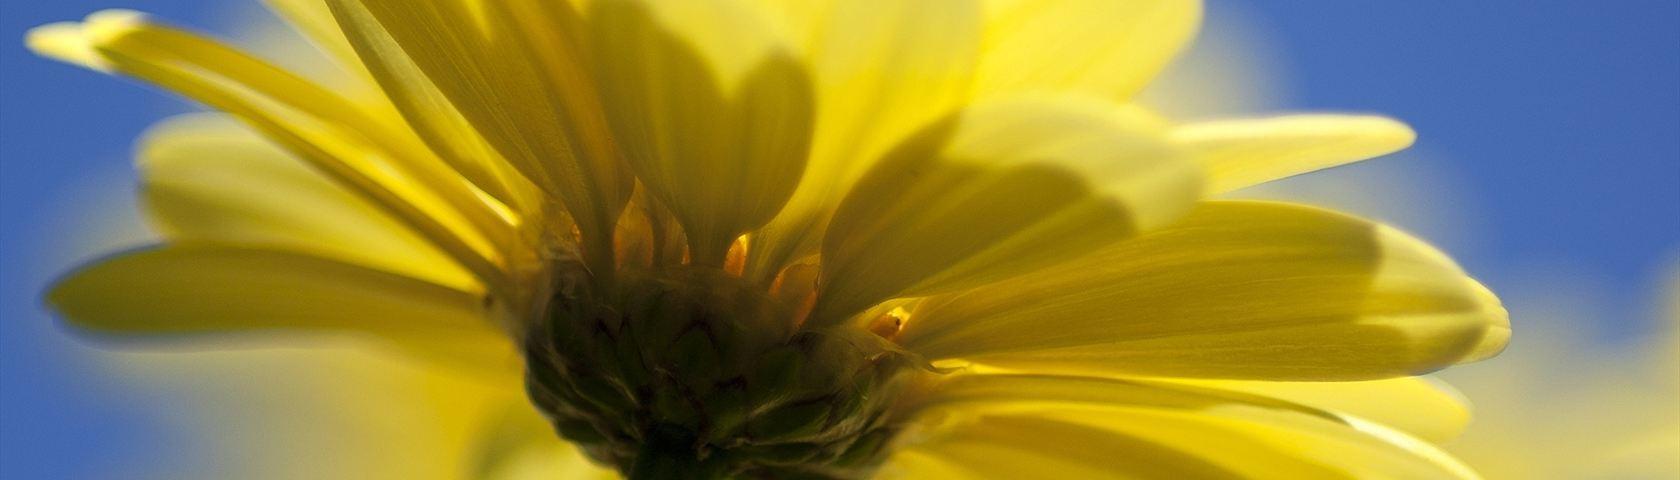 Single Yellow Daisy